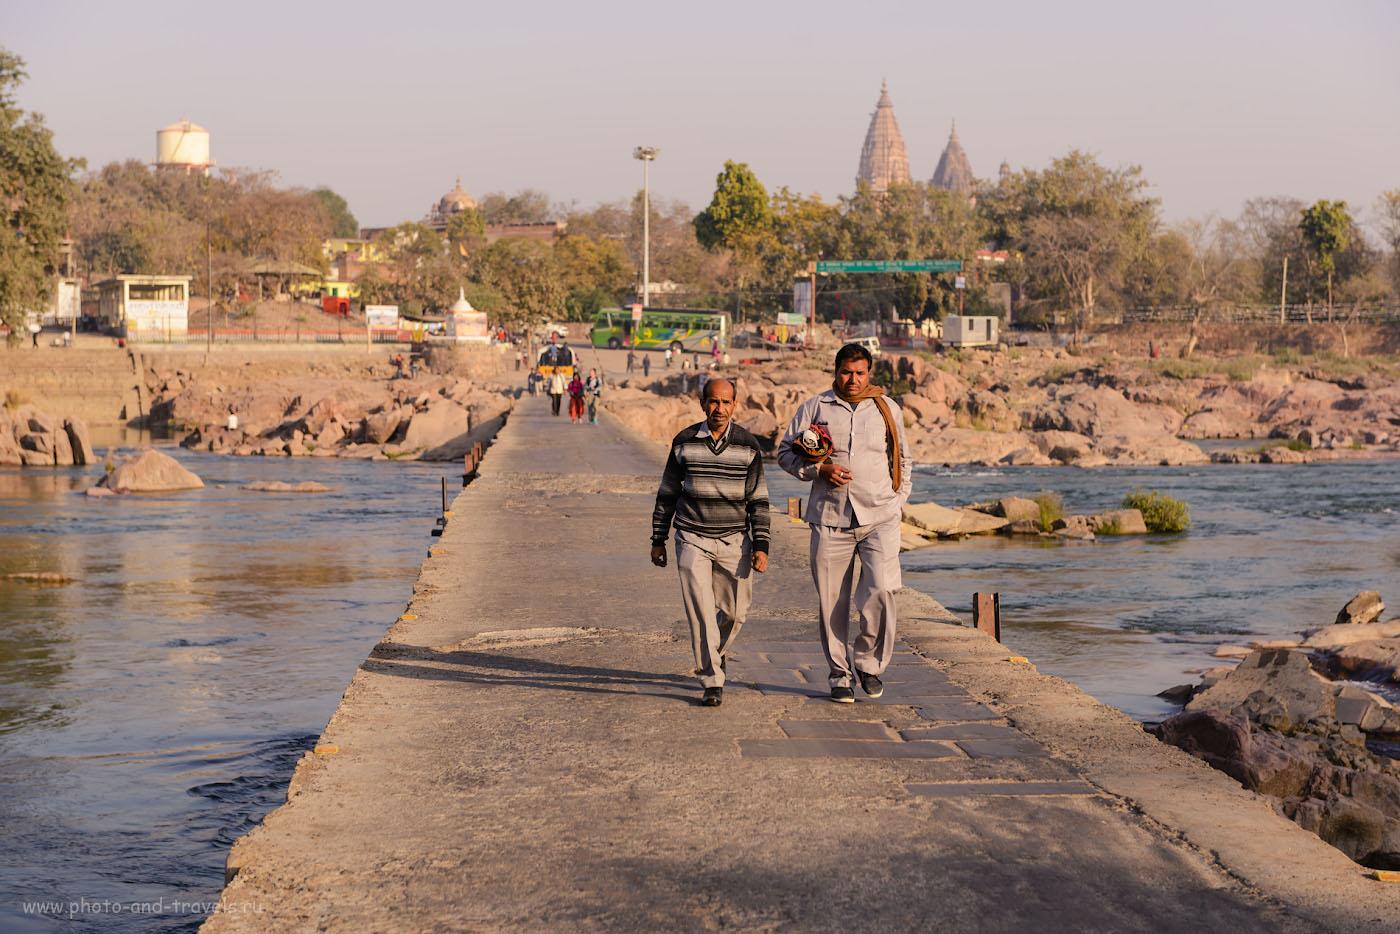 Фото 19. На мосту через Бетву, как всегда, оживленно. Отзывы туристов о самостоятельном отдыхе в Индии. 1/400, +0.33, 4.5, 100, 70.